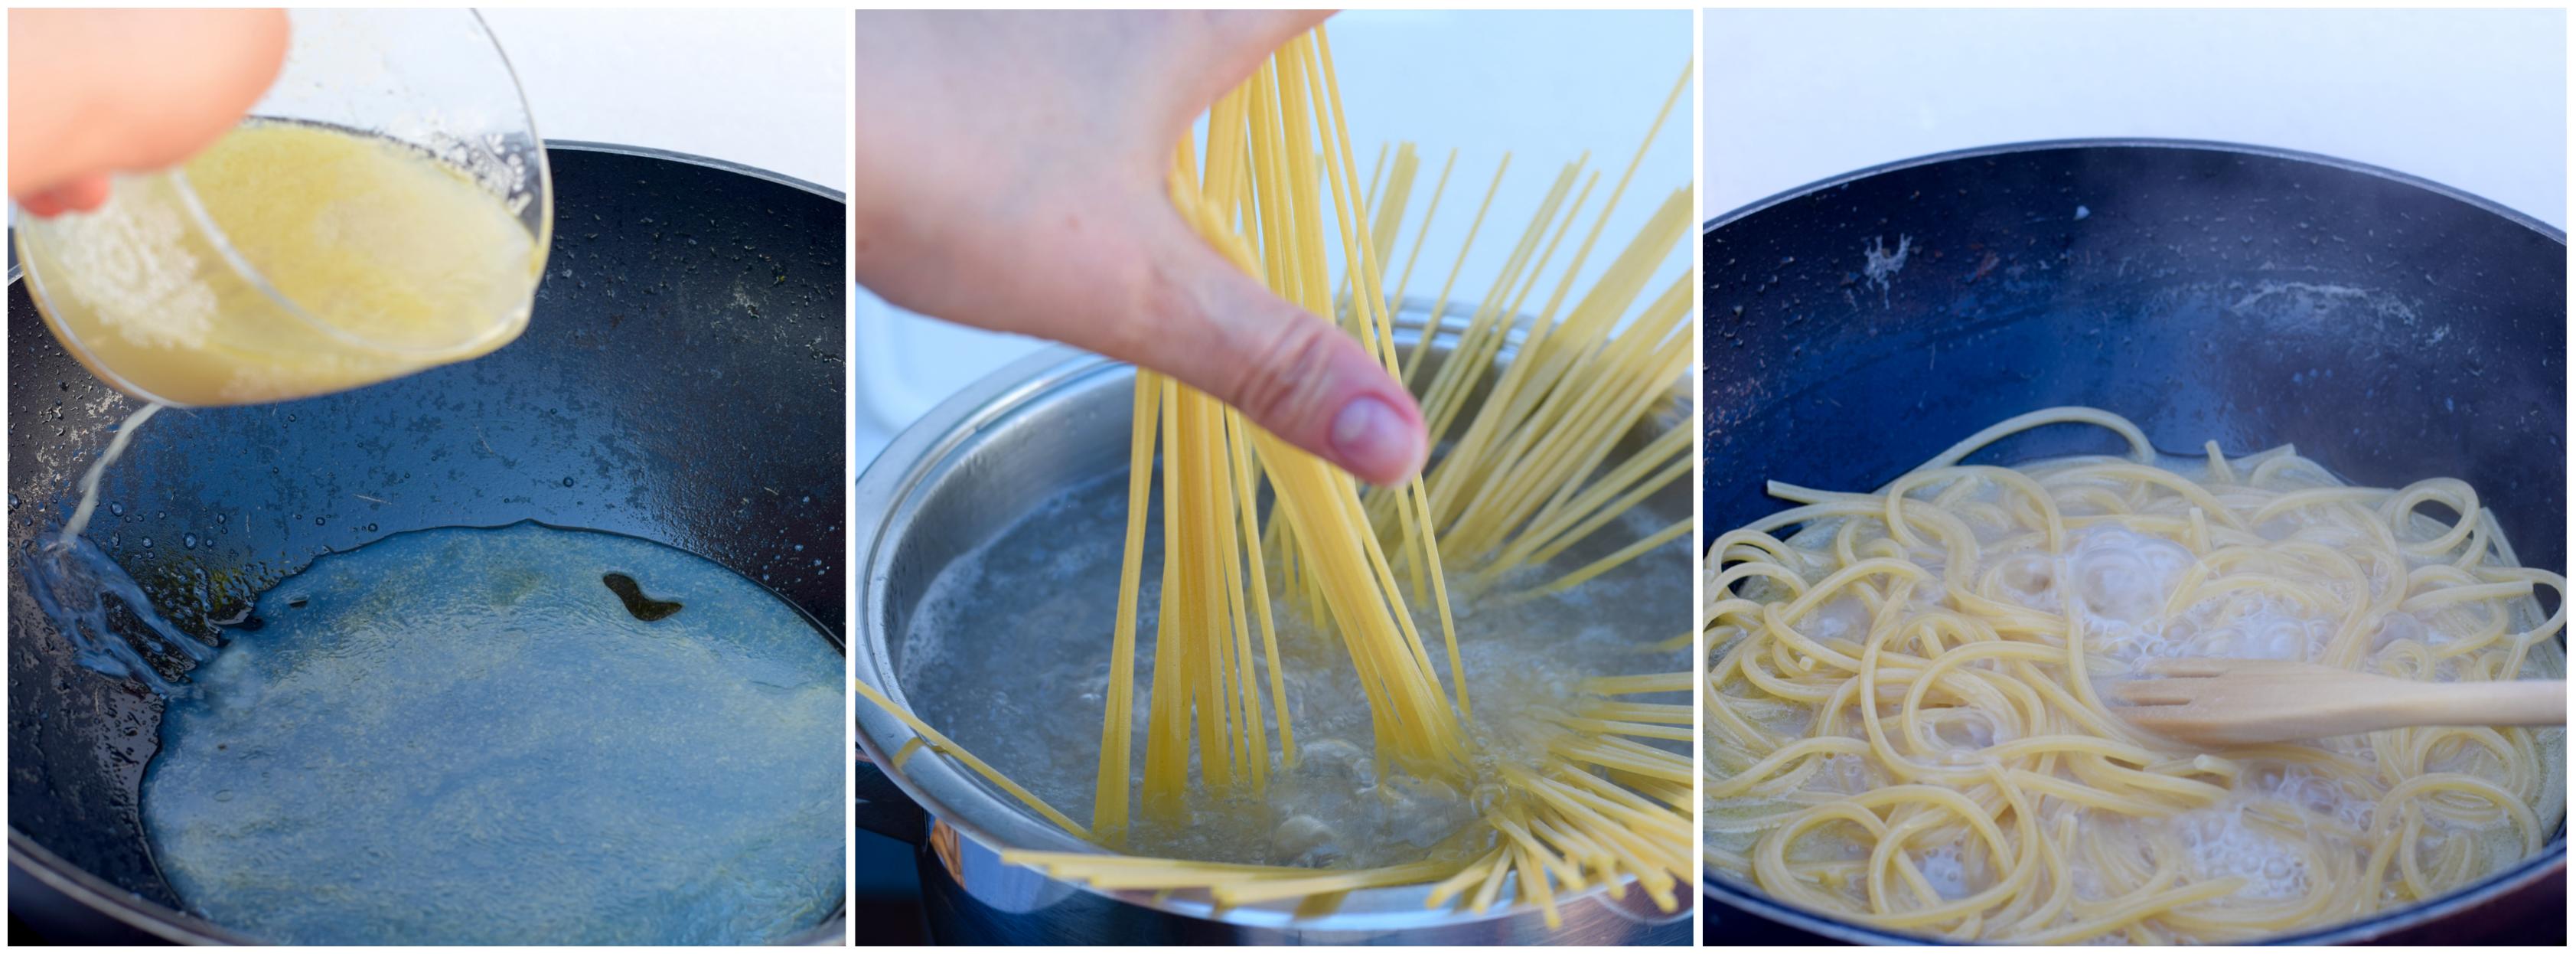 foto tutorial per la realizzazione della ricetta napoletana dello spaghetto alle vongole